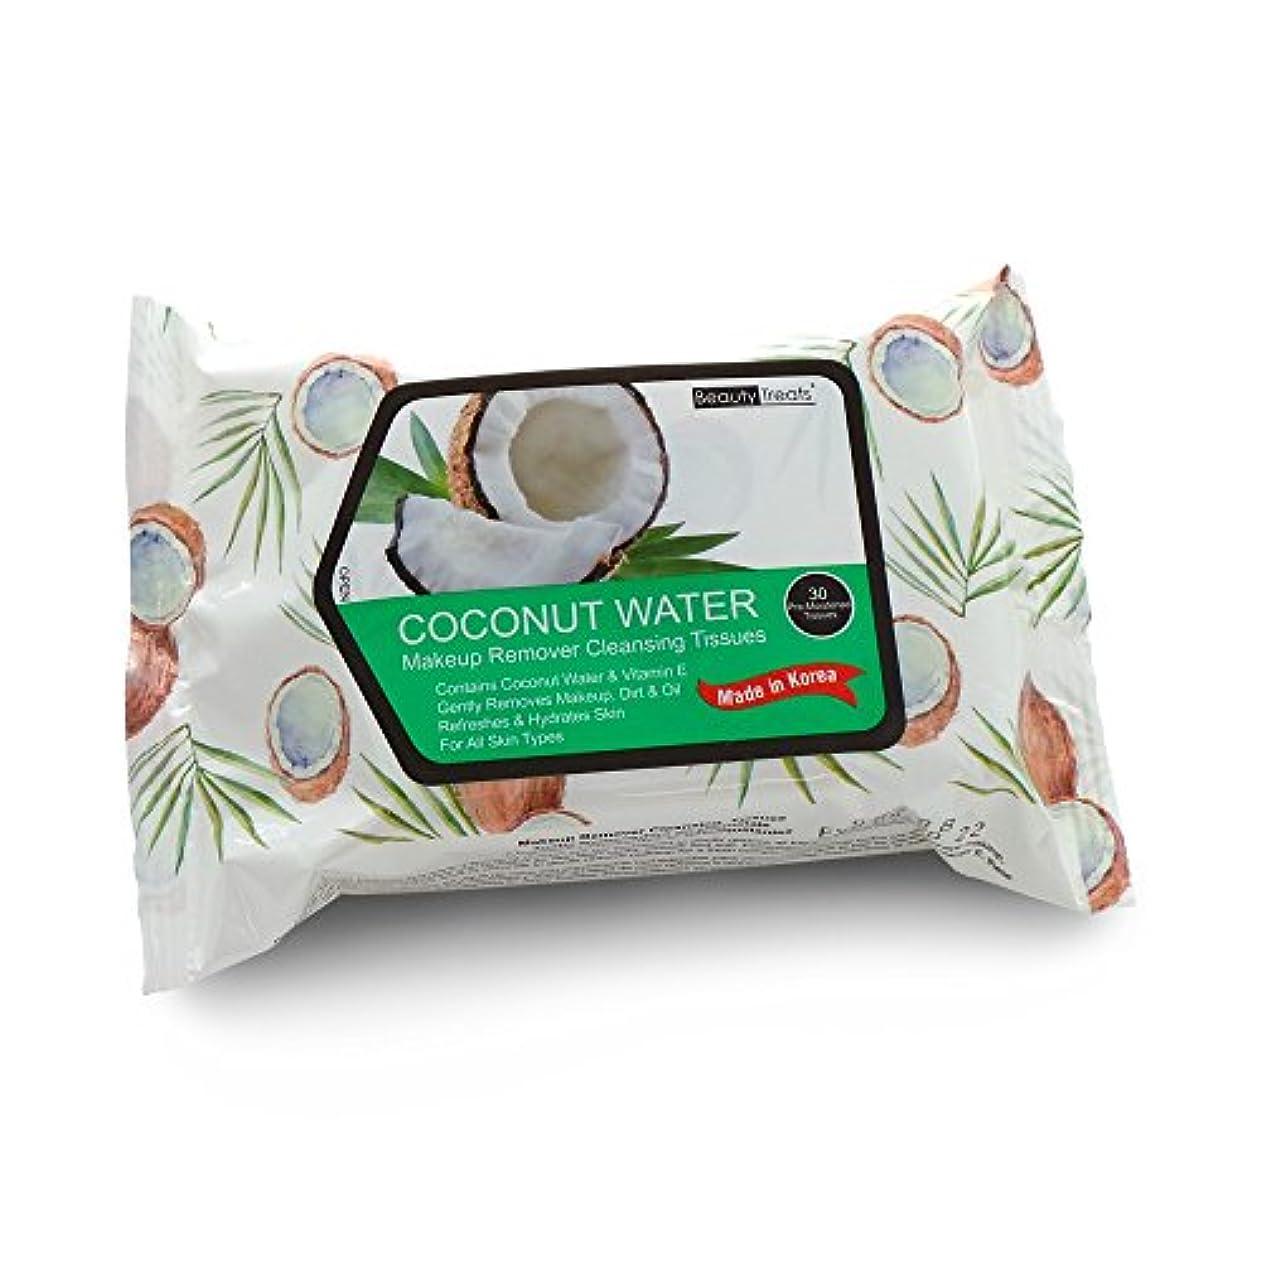 激しい優先権偏心(6 Pack) BEAUTY TREATS Coconut Water Makeup Remover Cleaning Tissues (並行輸入品)